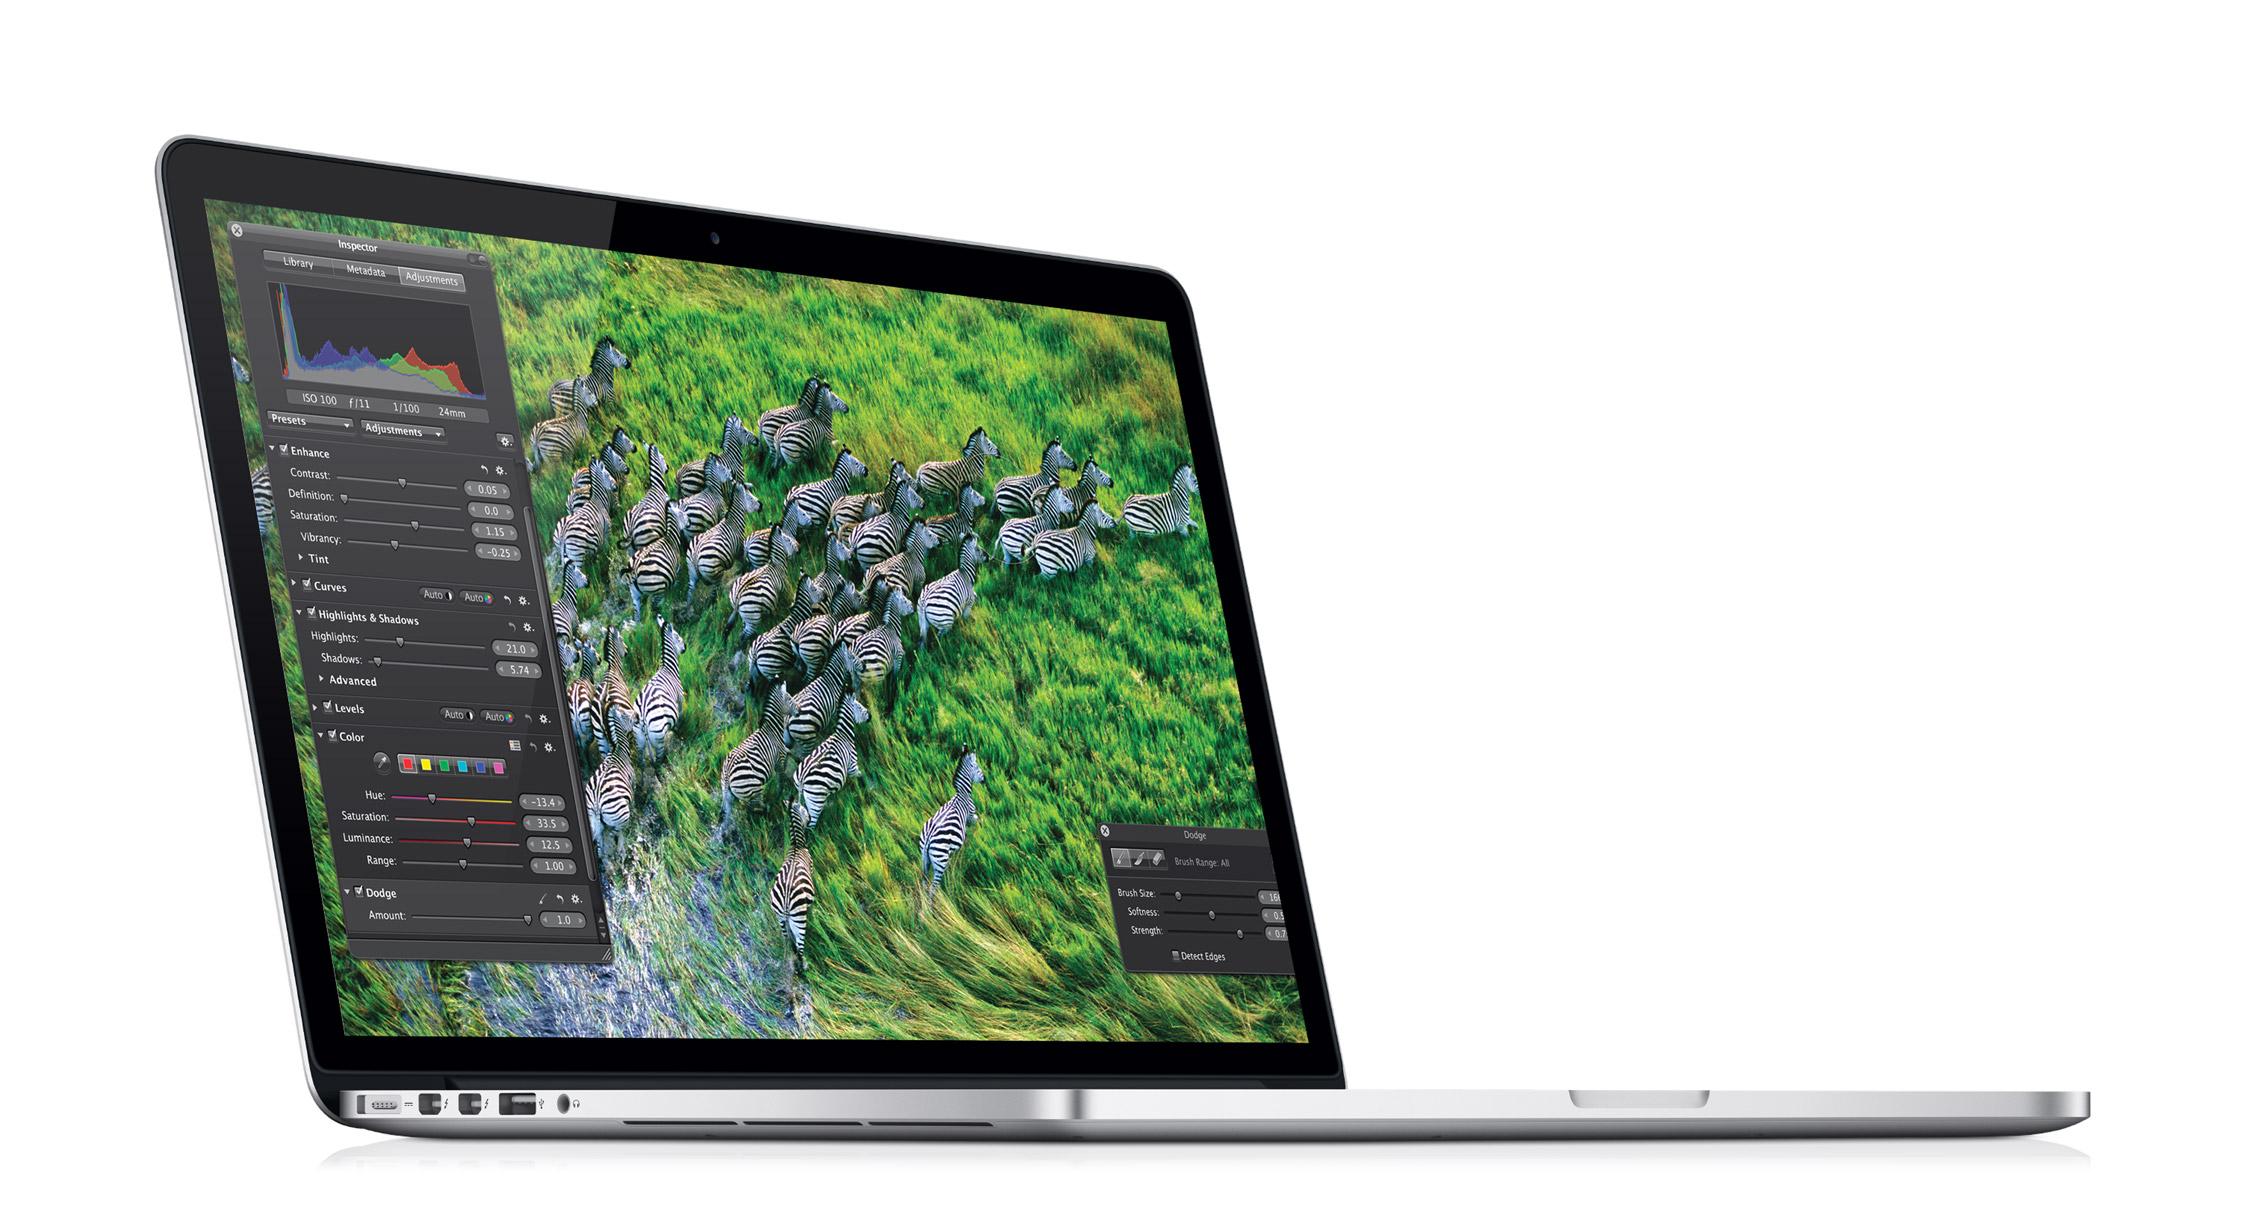 macbook pro - ustawienia kolorów